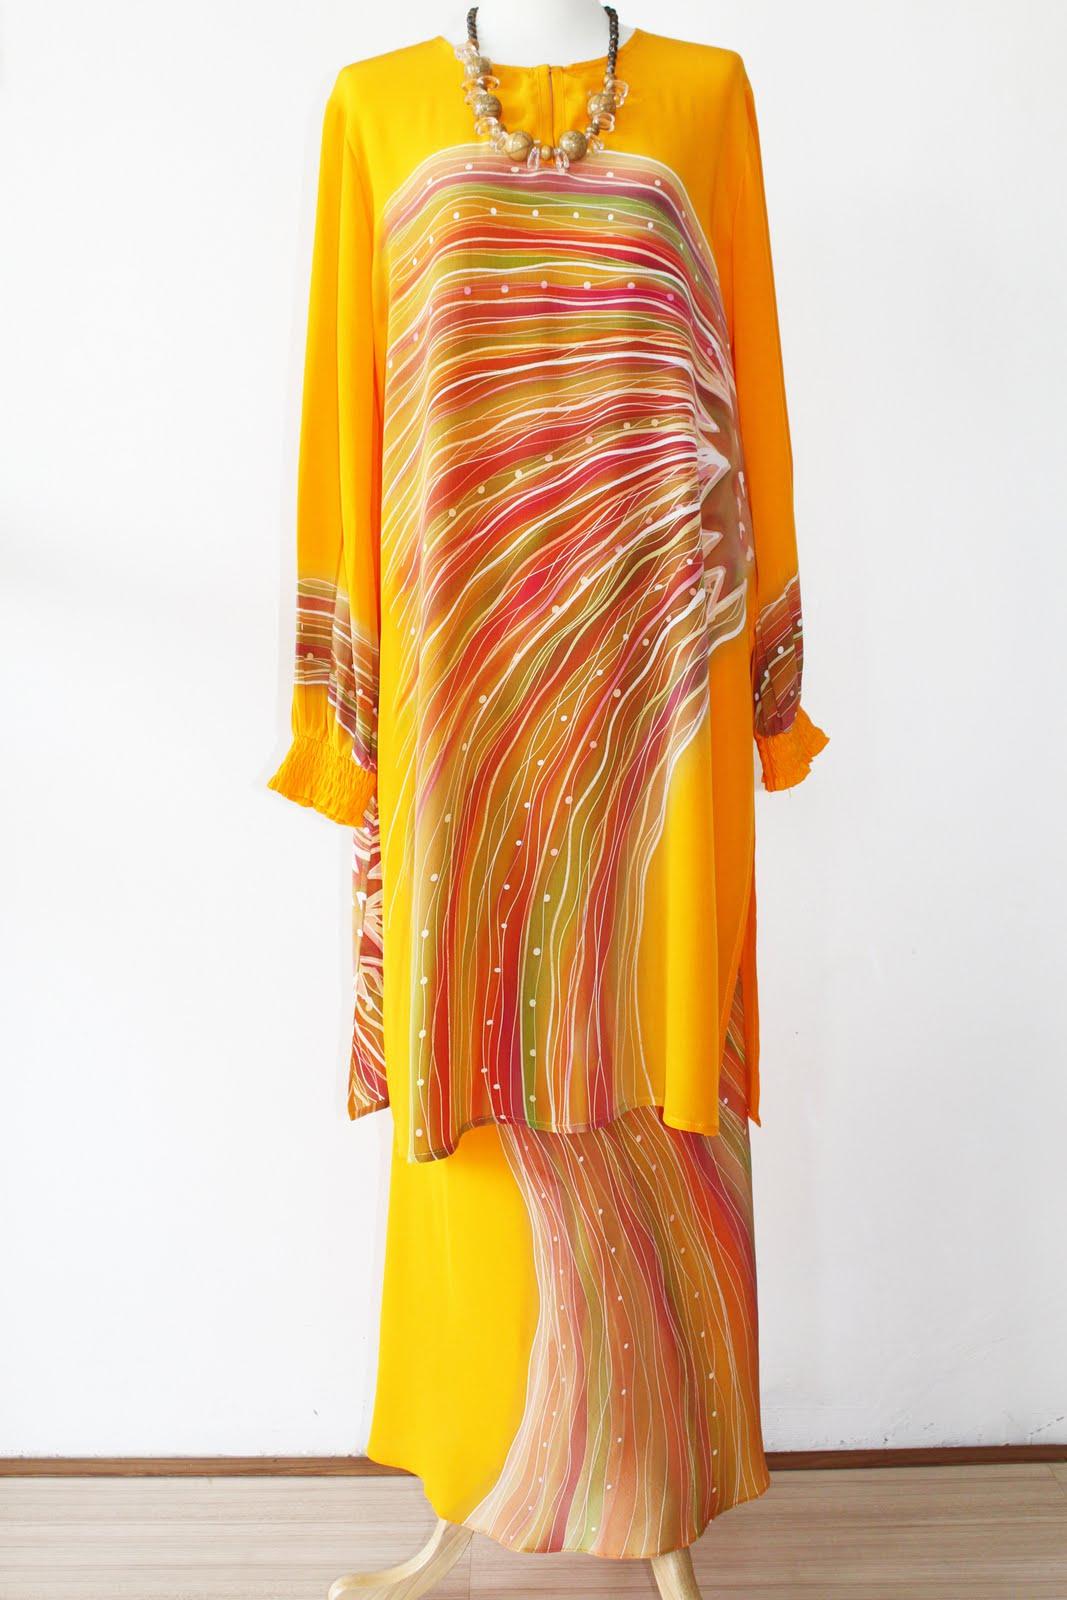 baju kurung traditional malay dress category baju kurung brand atikahs